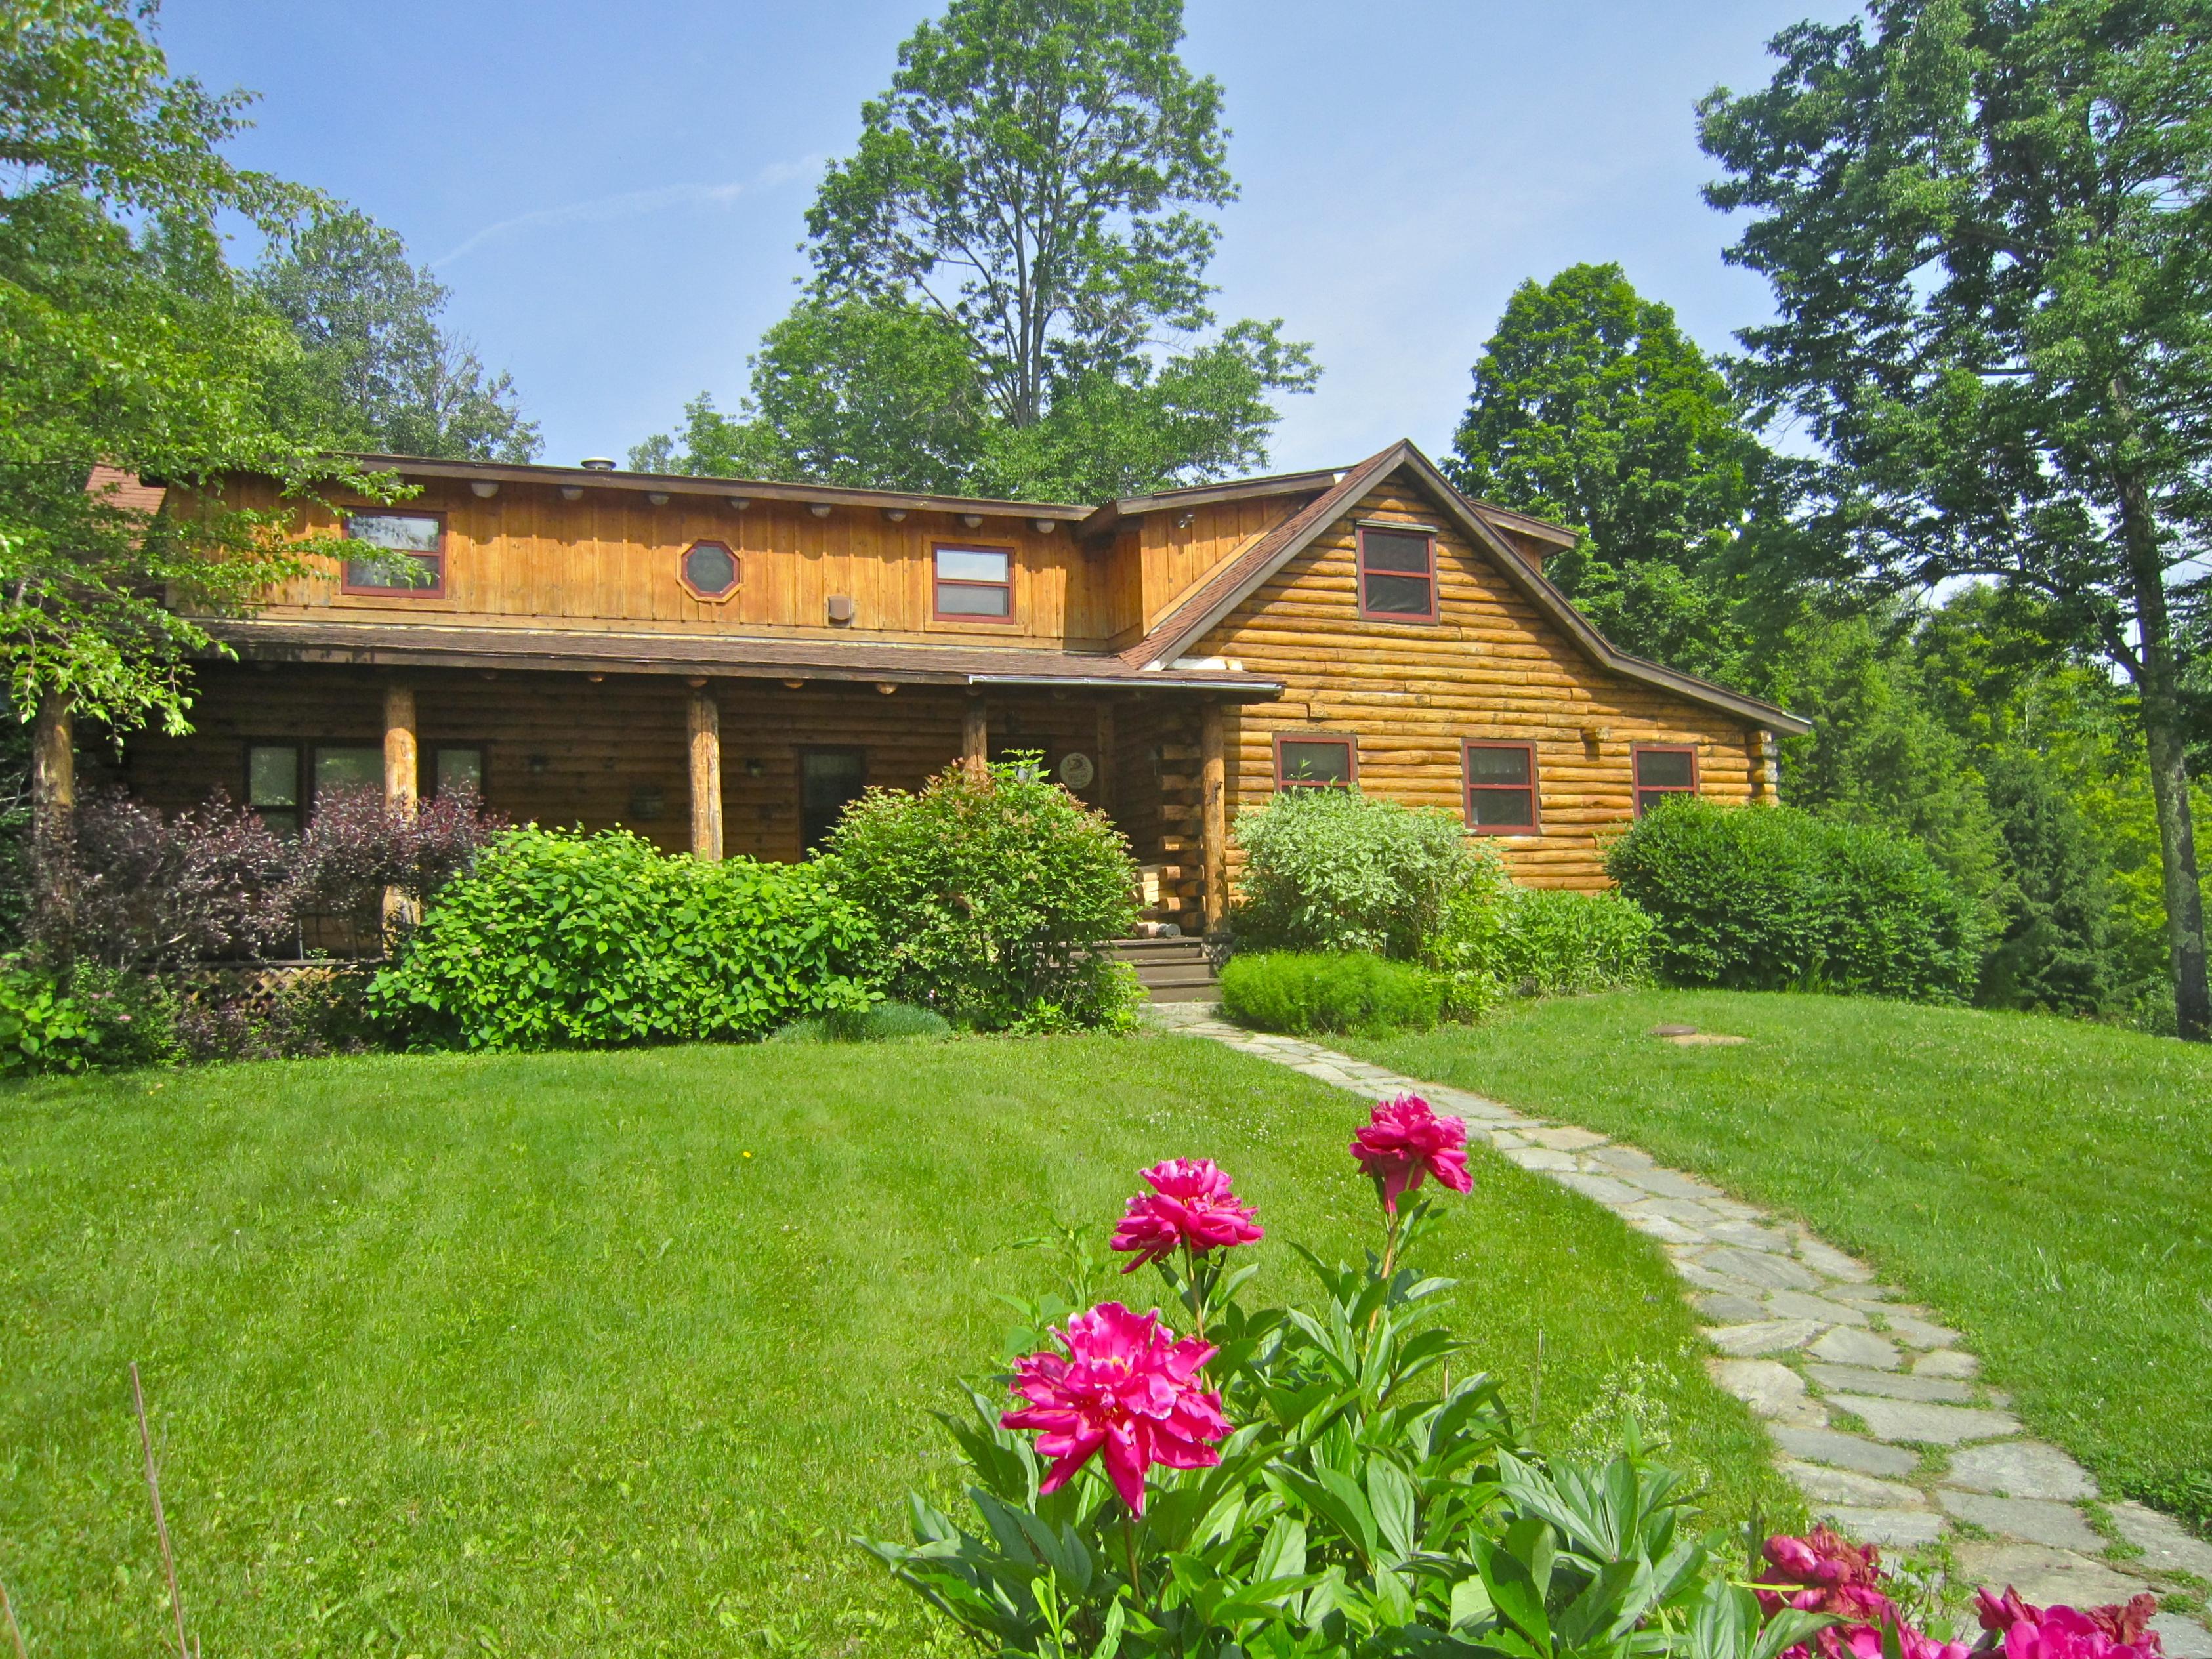 Maison unifamiliale pour l Vente à 583 Cy Parker Rd, Mount Holly Mount Holly, Vermont 05758 États-Unis